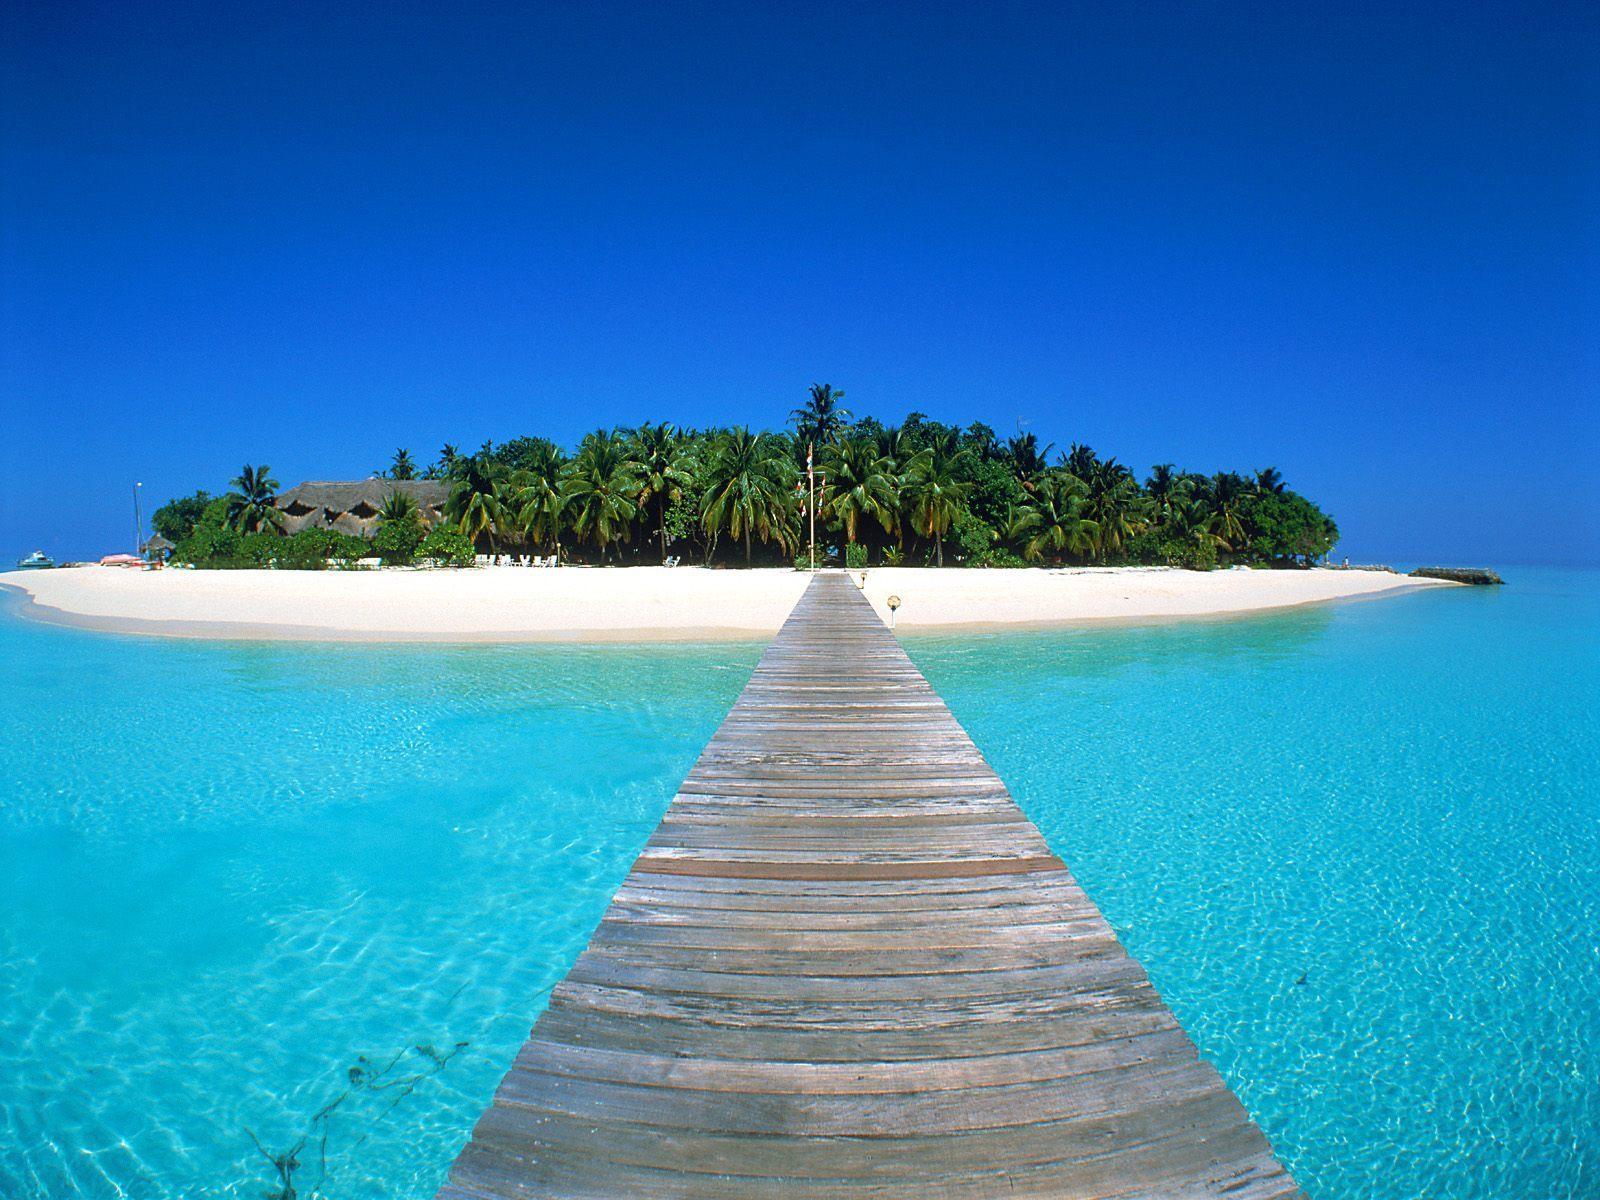 Ένα ταξίδι στις Μαλβίδες...... εκεί που η αλήθεια συναντά το όνειρο!! (βίντεο)